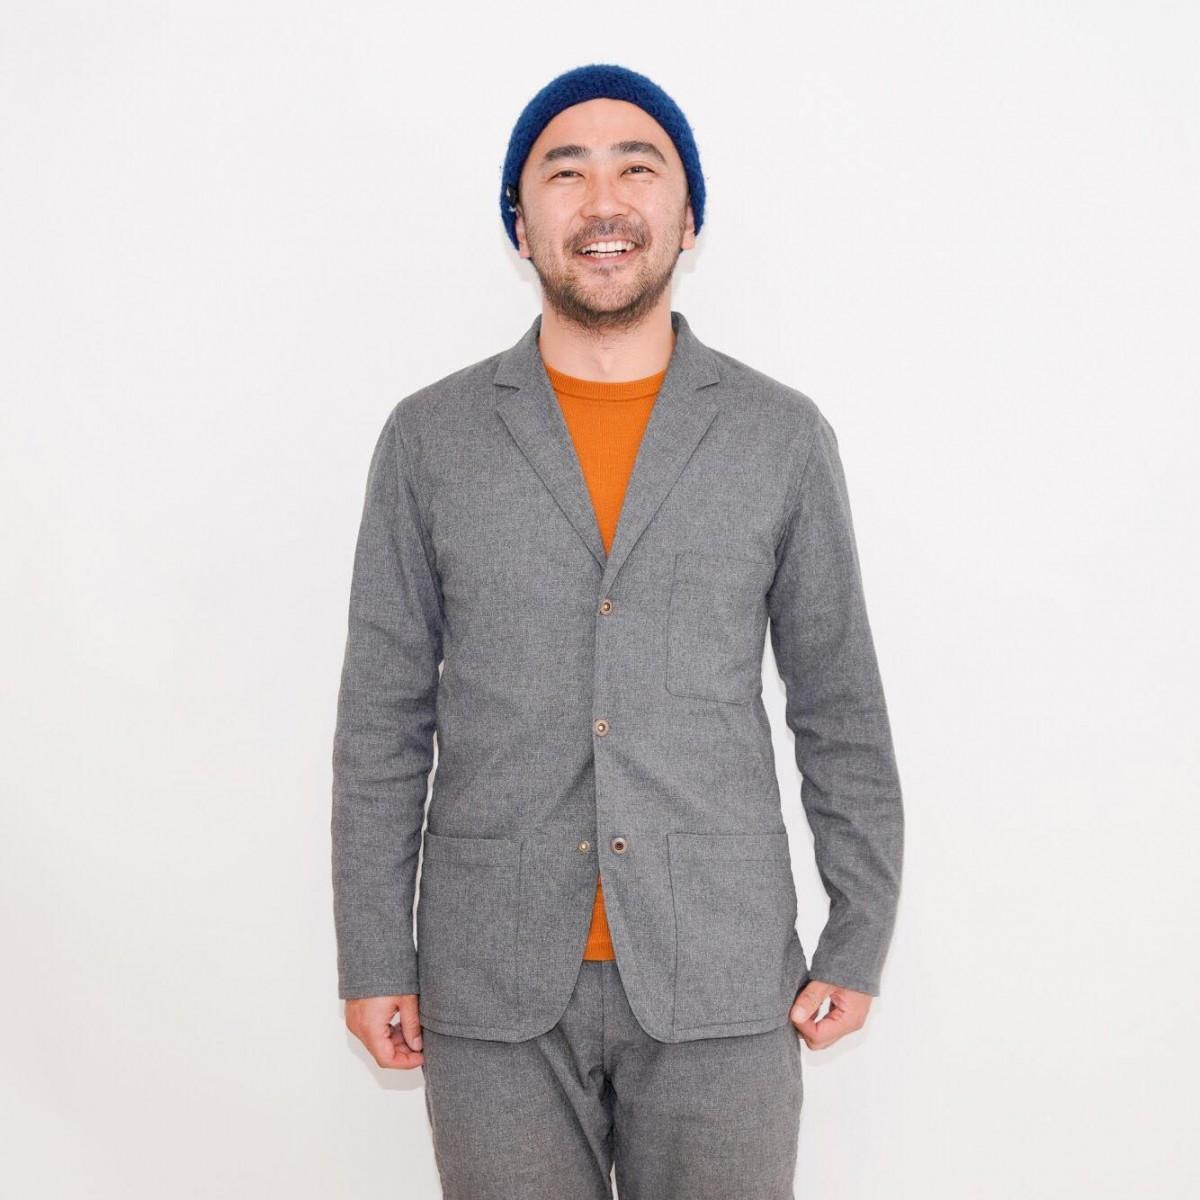 「オールユアーズ」代表の木村昌史さん。6月22日・23日のトークイベントに登壇する